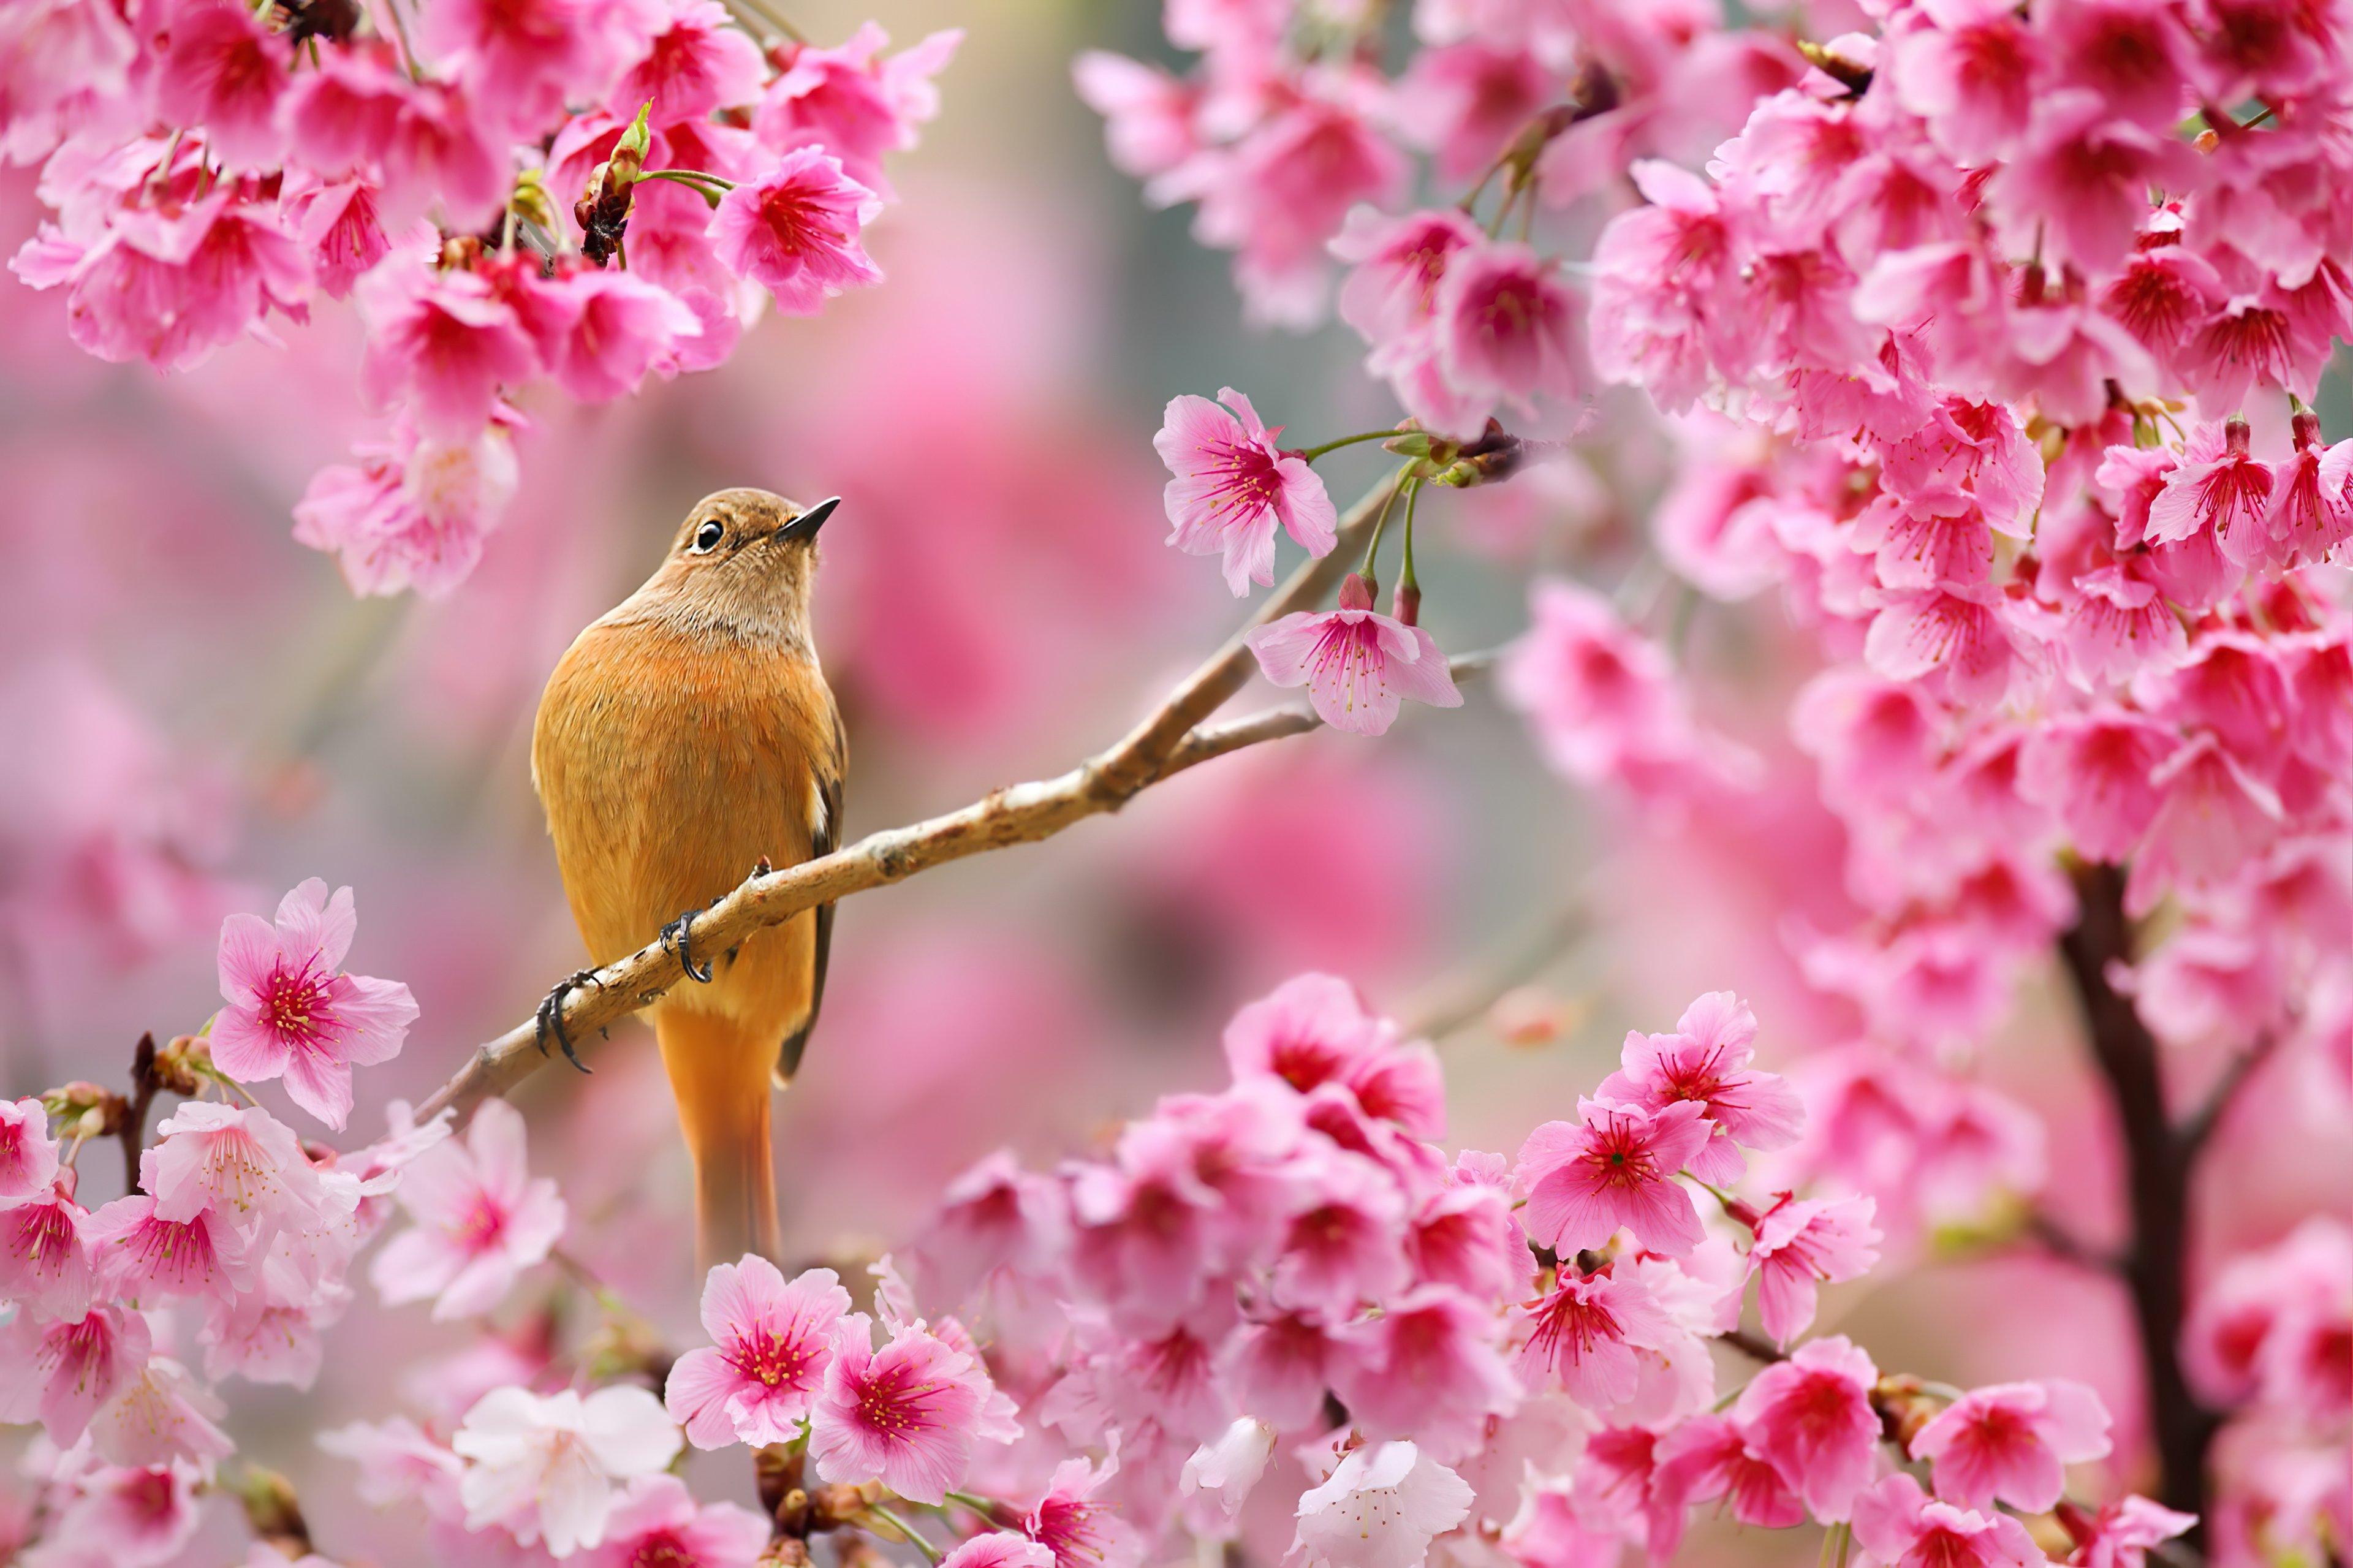 Fondos de pantalla Ave sobre flor de cerezo